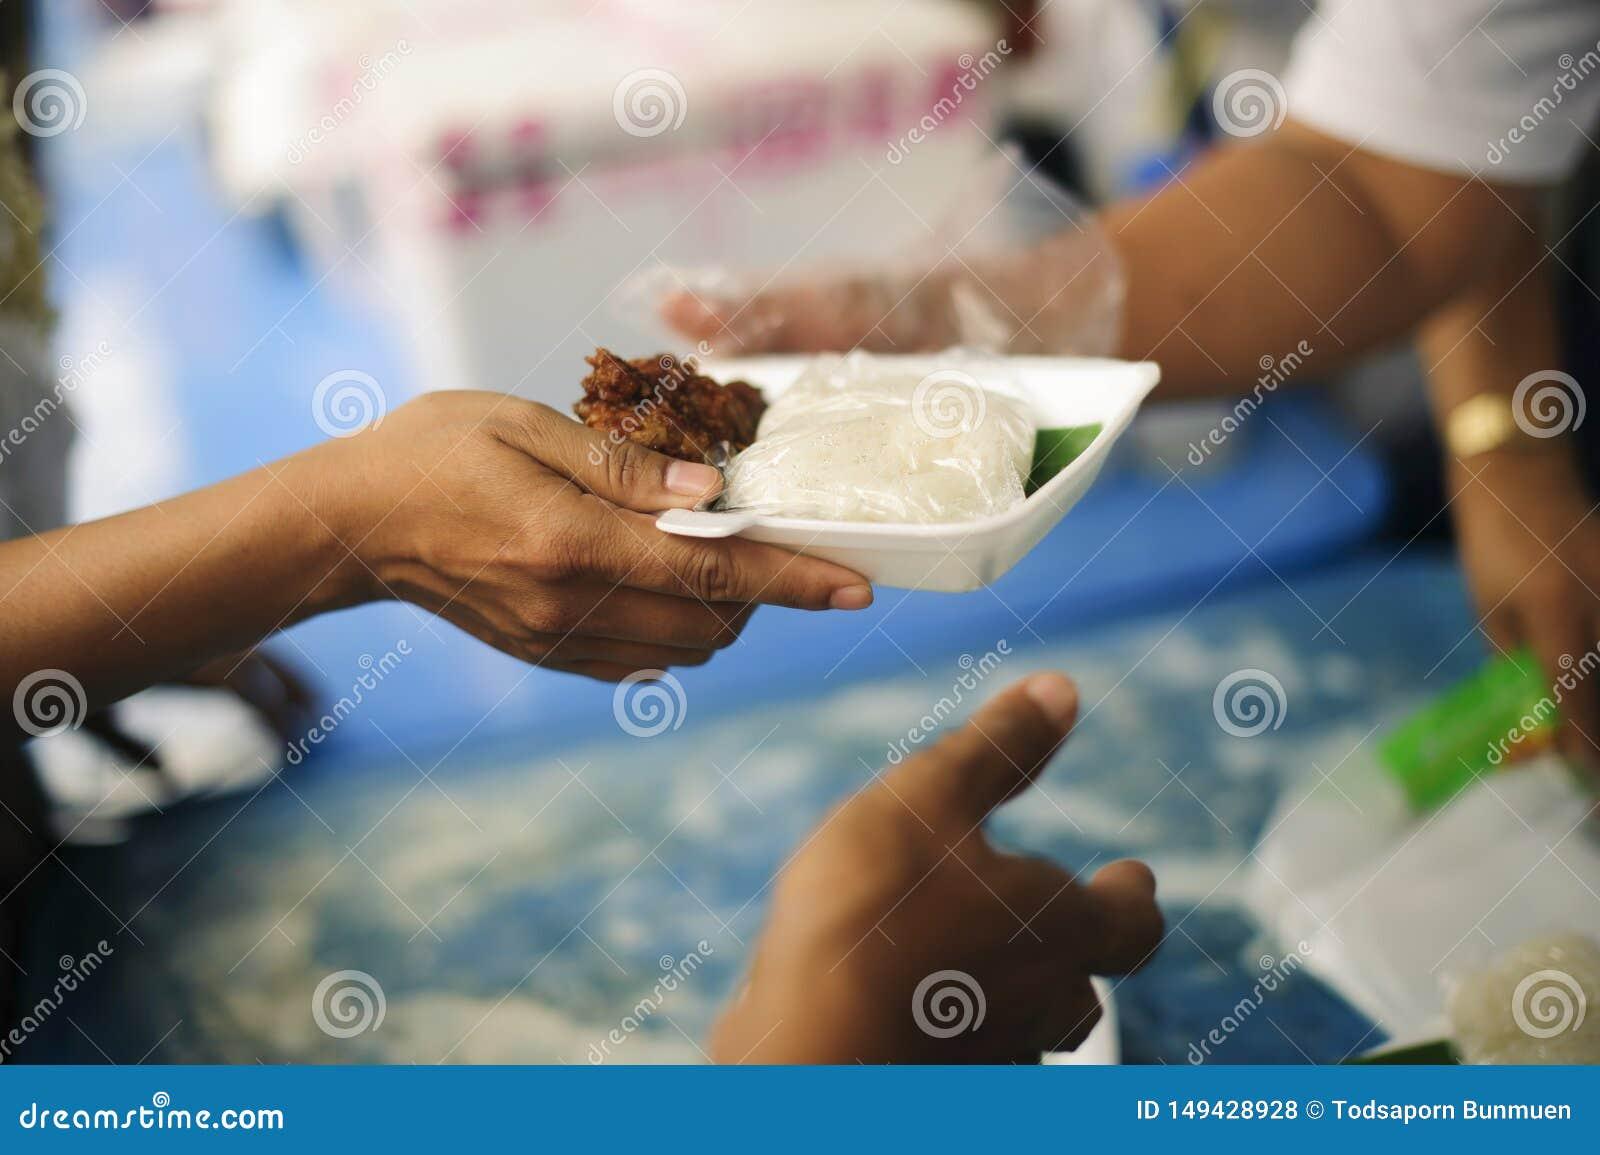 分享为了贫寒的食物的概念能缓和饥饿:哺养帮助的贫穷的社会问题:捐赠食物给人